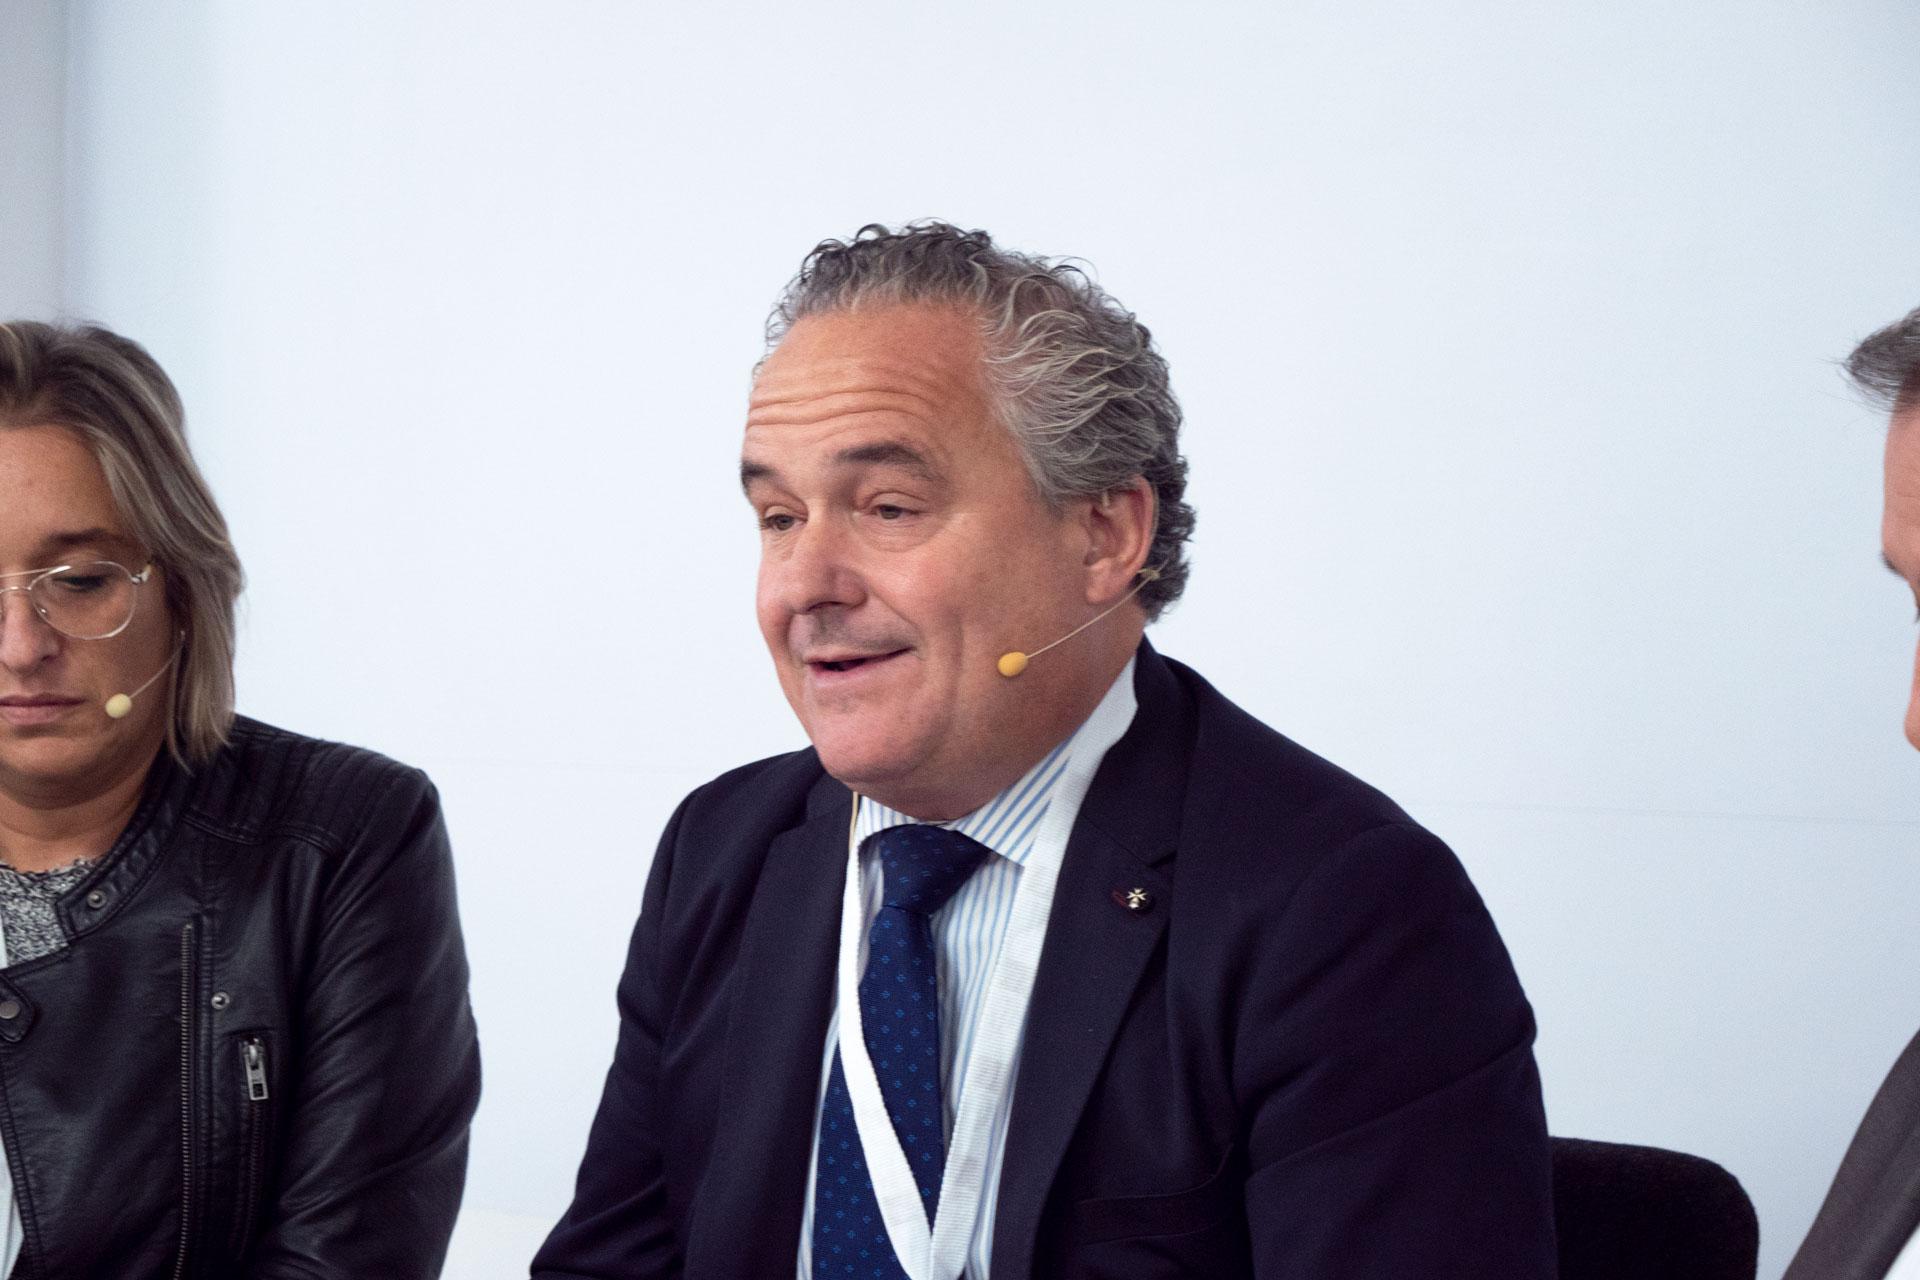 P1044229-300x200 Mesa Redonda en IMF: Reflexiones sobre discriminación del talento senior